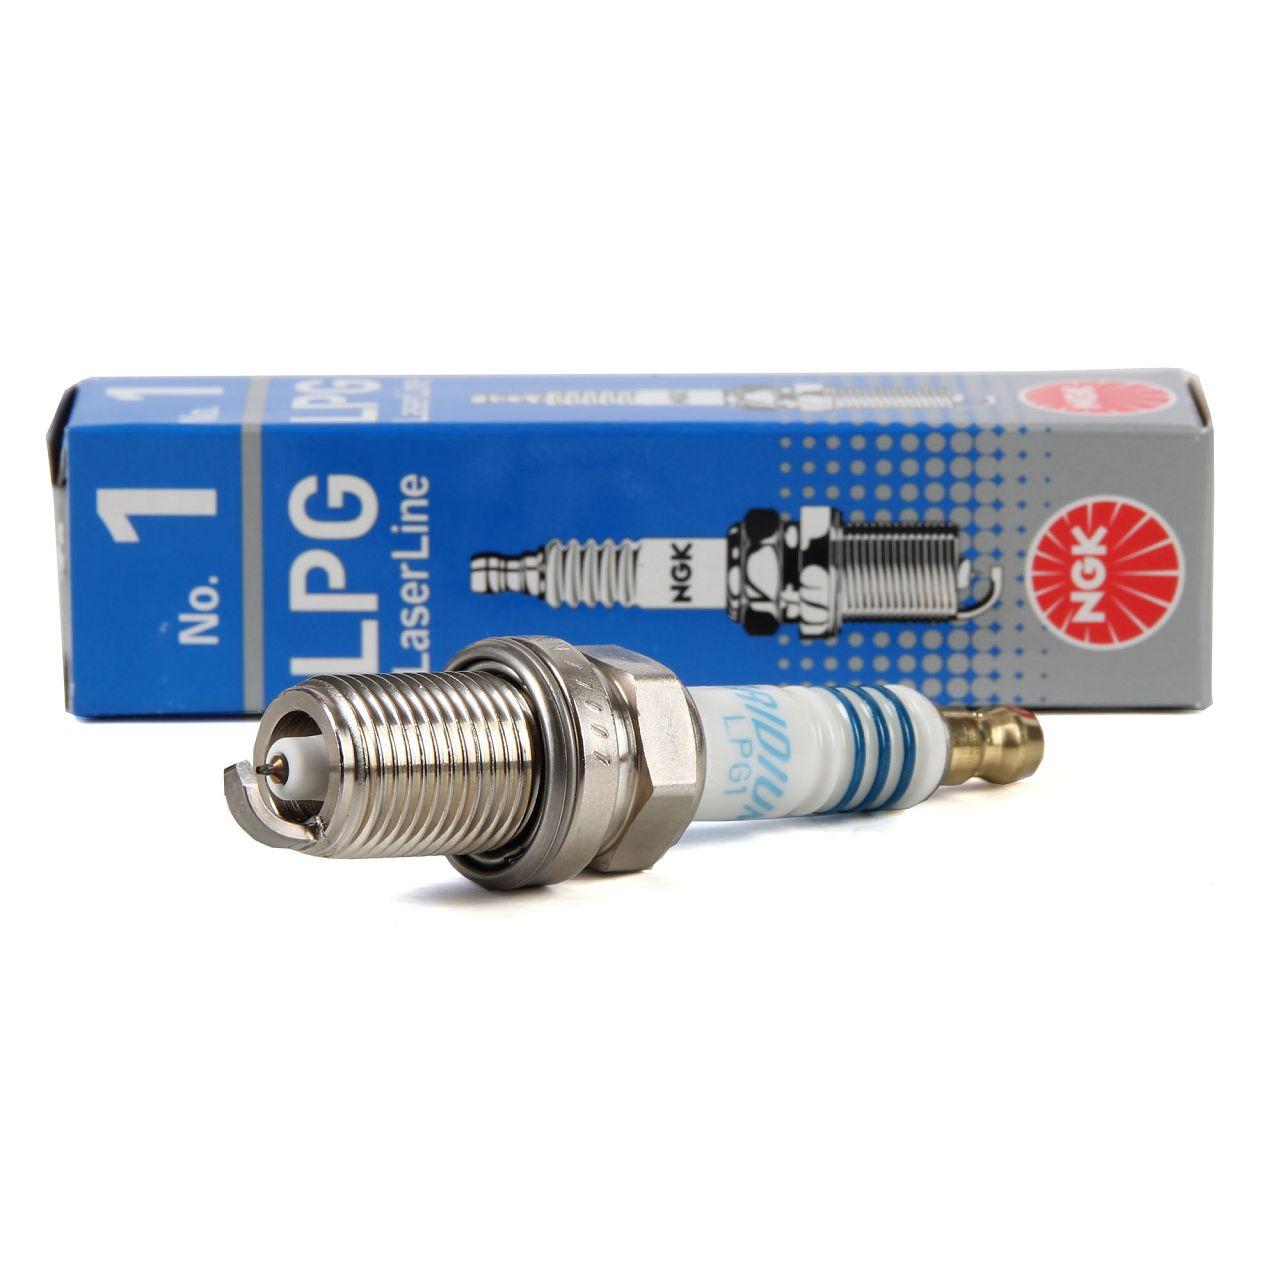 NGK 1496 LL1 LPG1 LPG LaserLine 1 Zündkerze für LPG / CNG Gasbetrieb Flüssiggas